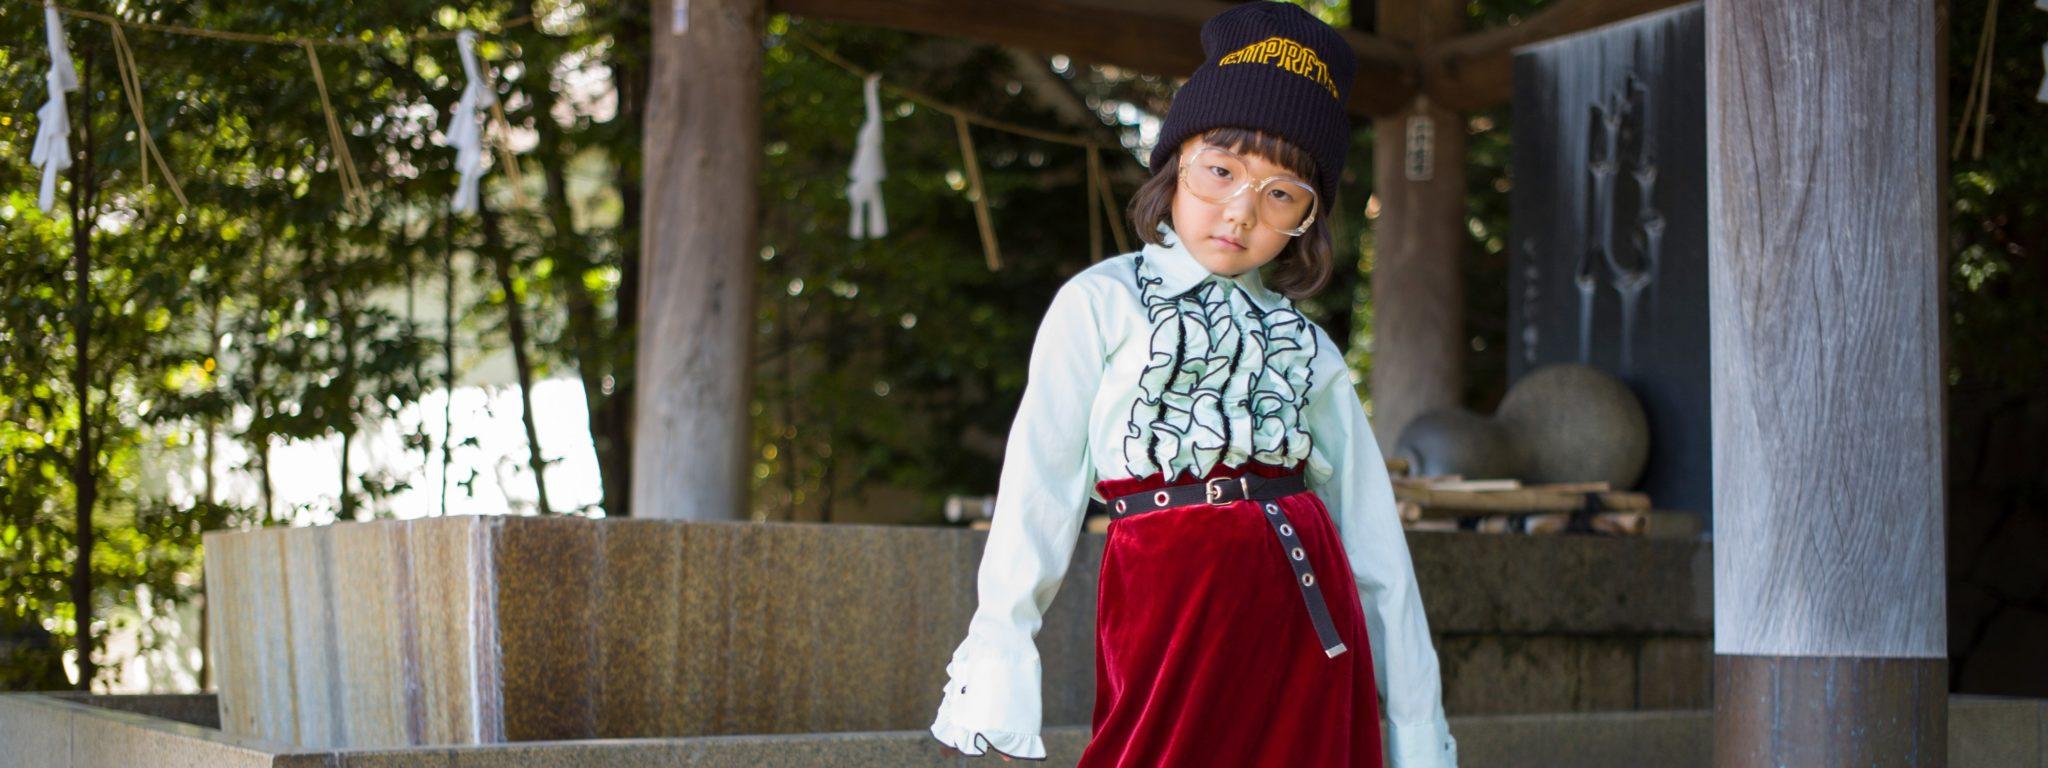 Azjatyckie dziecko stojące w czerwonej spódnicy i białej koszuli